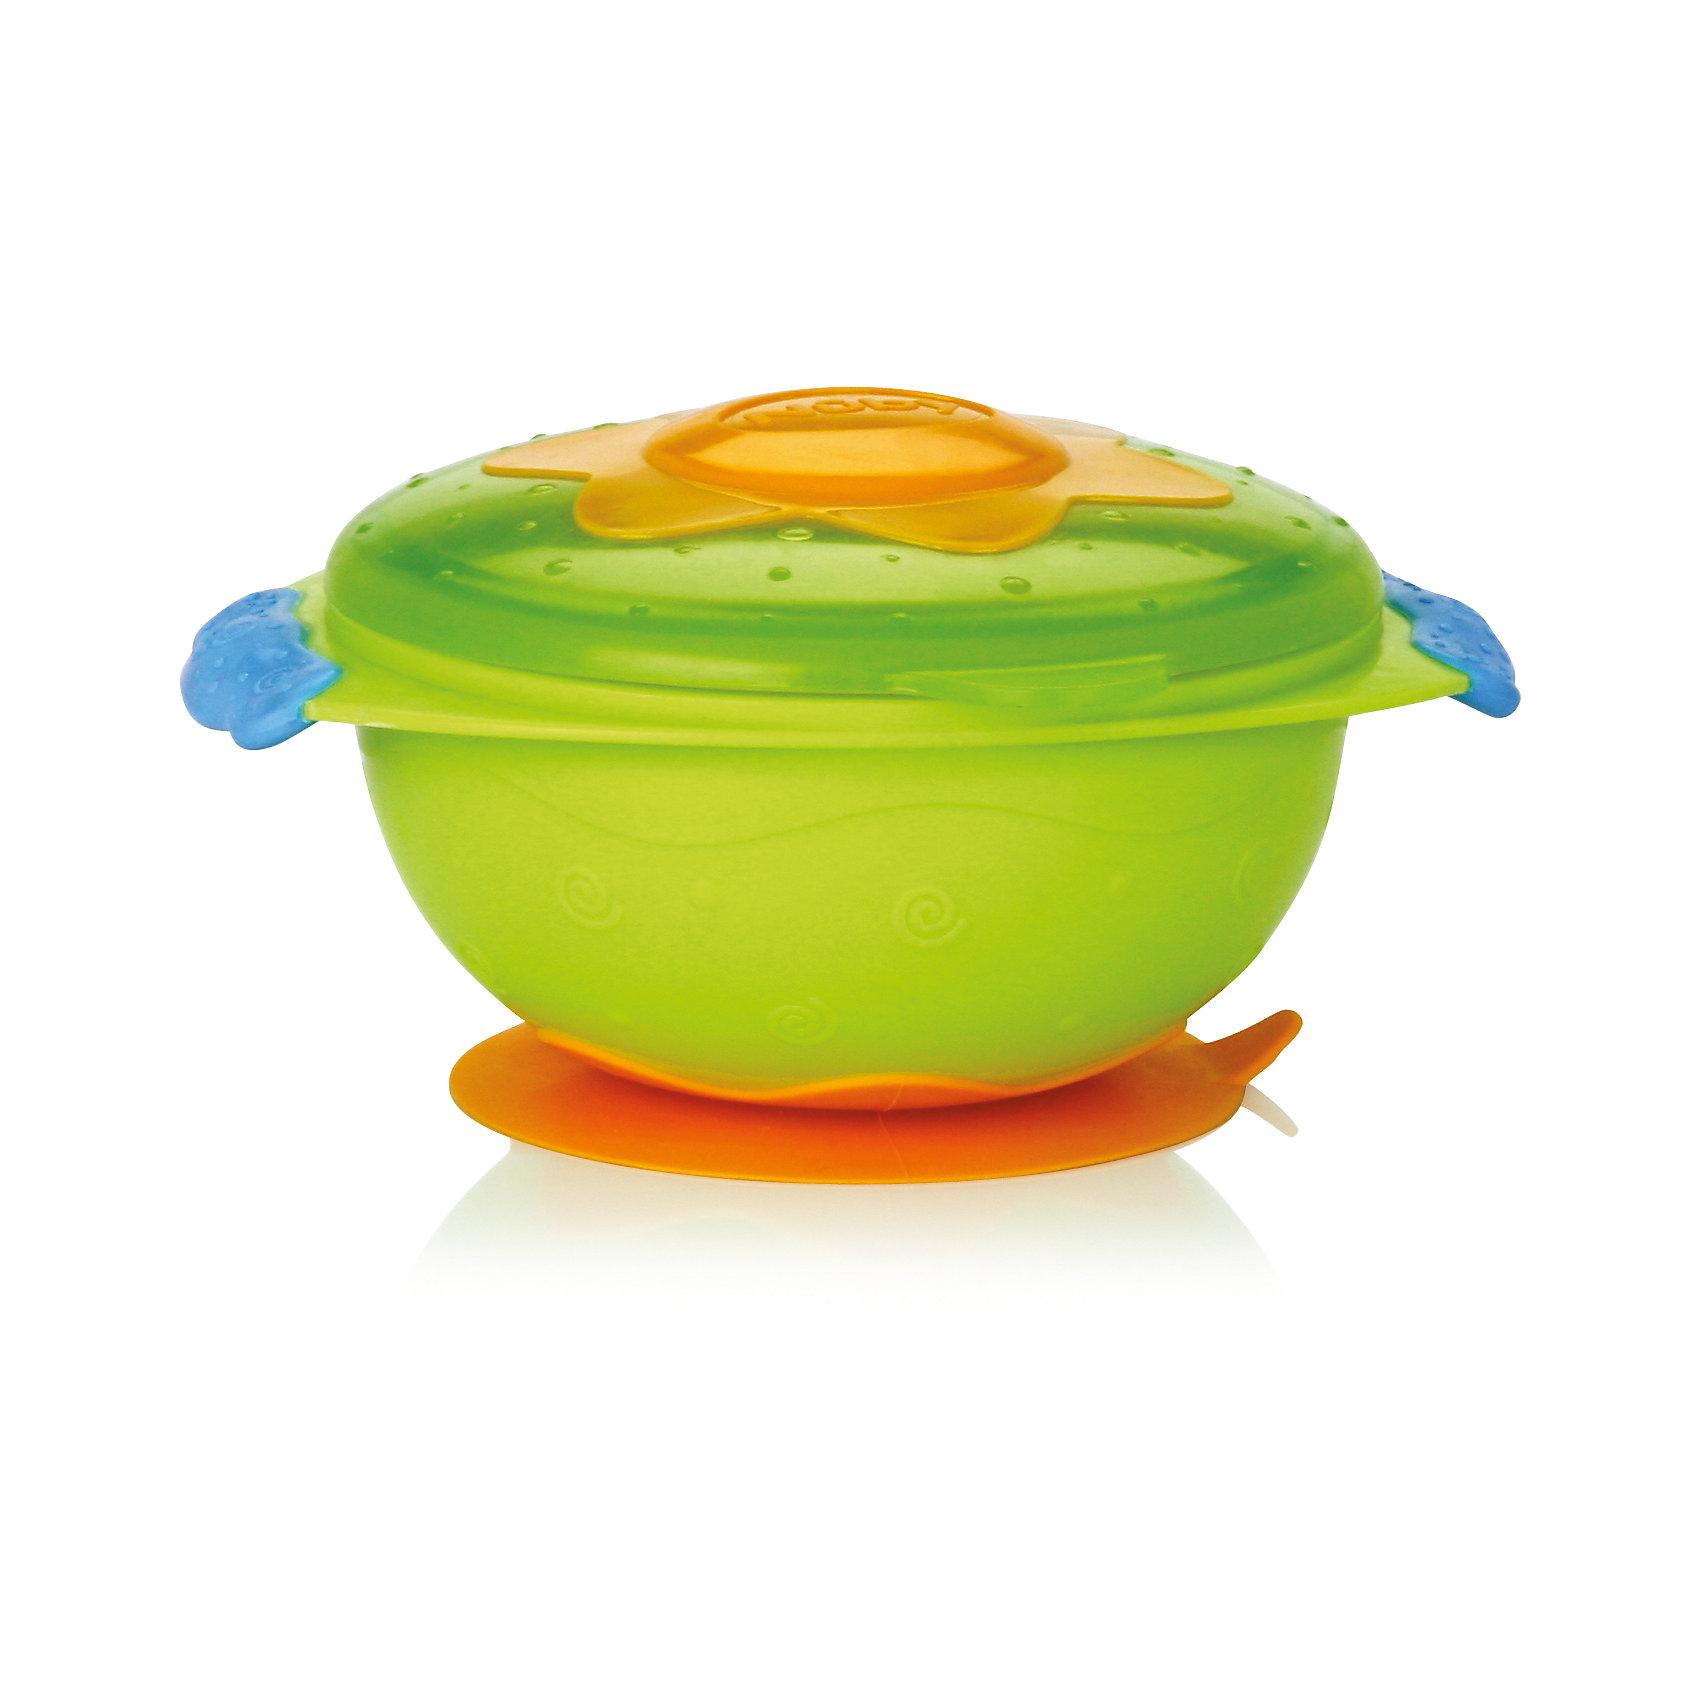 Тарелка на присоске для СВЧ, Nuby, зеленыйТарелки<br>Тарелка на присоске Nuby для микроволновой печи. <br>Процесс кормления ребенка должен быть легким для мамы и интересным для малыша. Именно эту задачу выполняет серия «Улёт! посуда». Тарелка изготовлена из прочного небьющегося пластика и подходит для ежедневного кормления ребенка. Ее удобно использовать во время путешествий или прогулок. Такую тарелку легко держать как левой, так и правой рукой. <br>Она достаточно глубокая и подходит для хранения любого вида пищи. Плотная крышка надежно закрывается и не допускает протекания или вытекания содержимого. Вы можете выбирать и комбинировать предметы серии «Улёт! посуда» по своему вкусу. <br><br>Тарелку на присоске Nuby для микроволновой печи можно купить в нашем интернет магазине.<br><br>Ширина мм: 159<br>Глубина мм: 223<br>Высота мм: 132<br>Вес г: 136<br>Цвет: зеленый<br>Возраст от месяцев: 9<br>Возраст до месяцев: 24<br>Пол: Унисекс<br>Возраст: Детский<br>SKU: 4385876